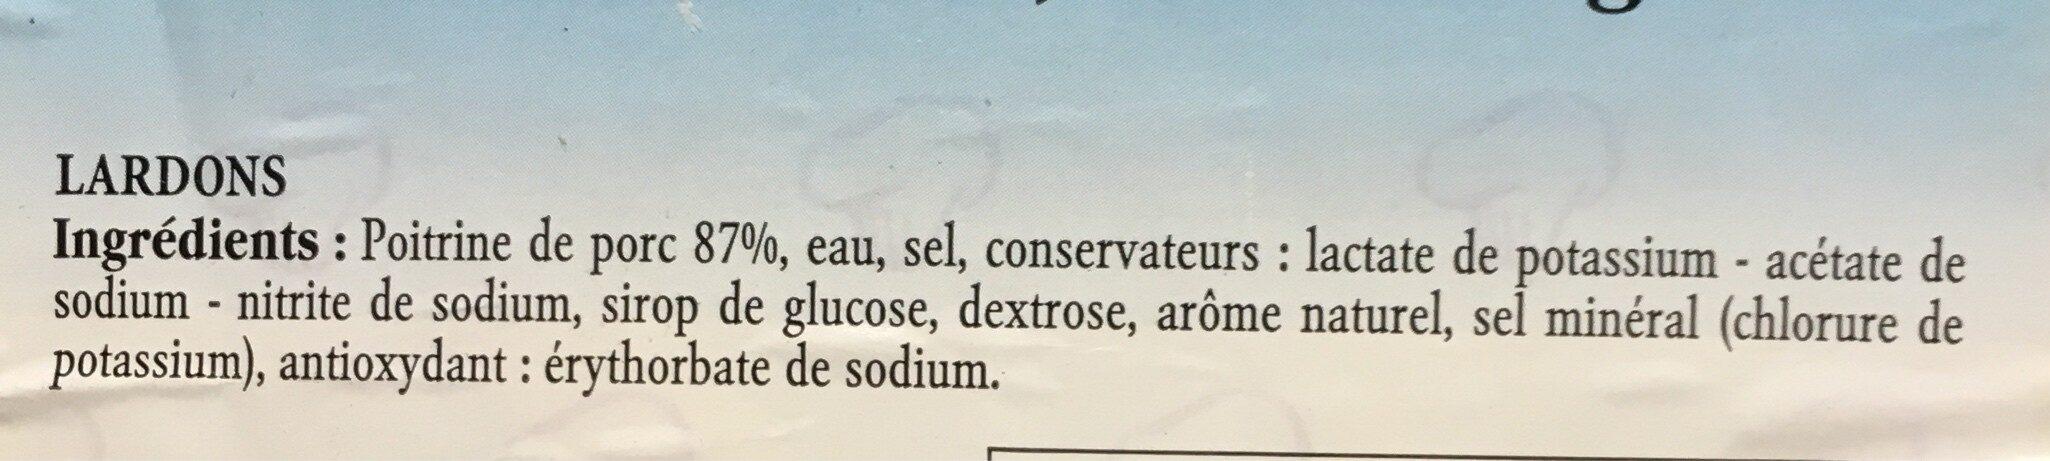 Lardons nature - Ingredients